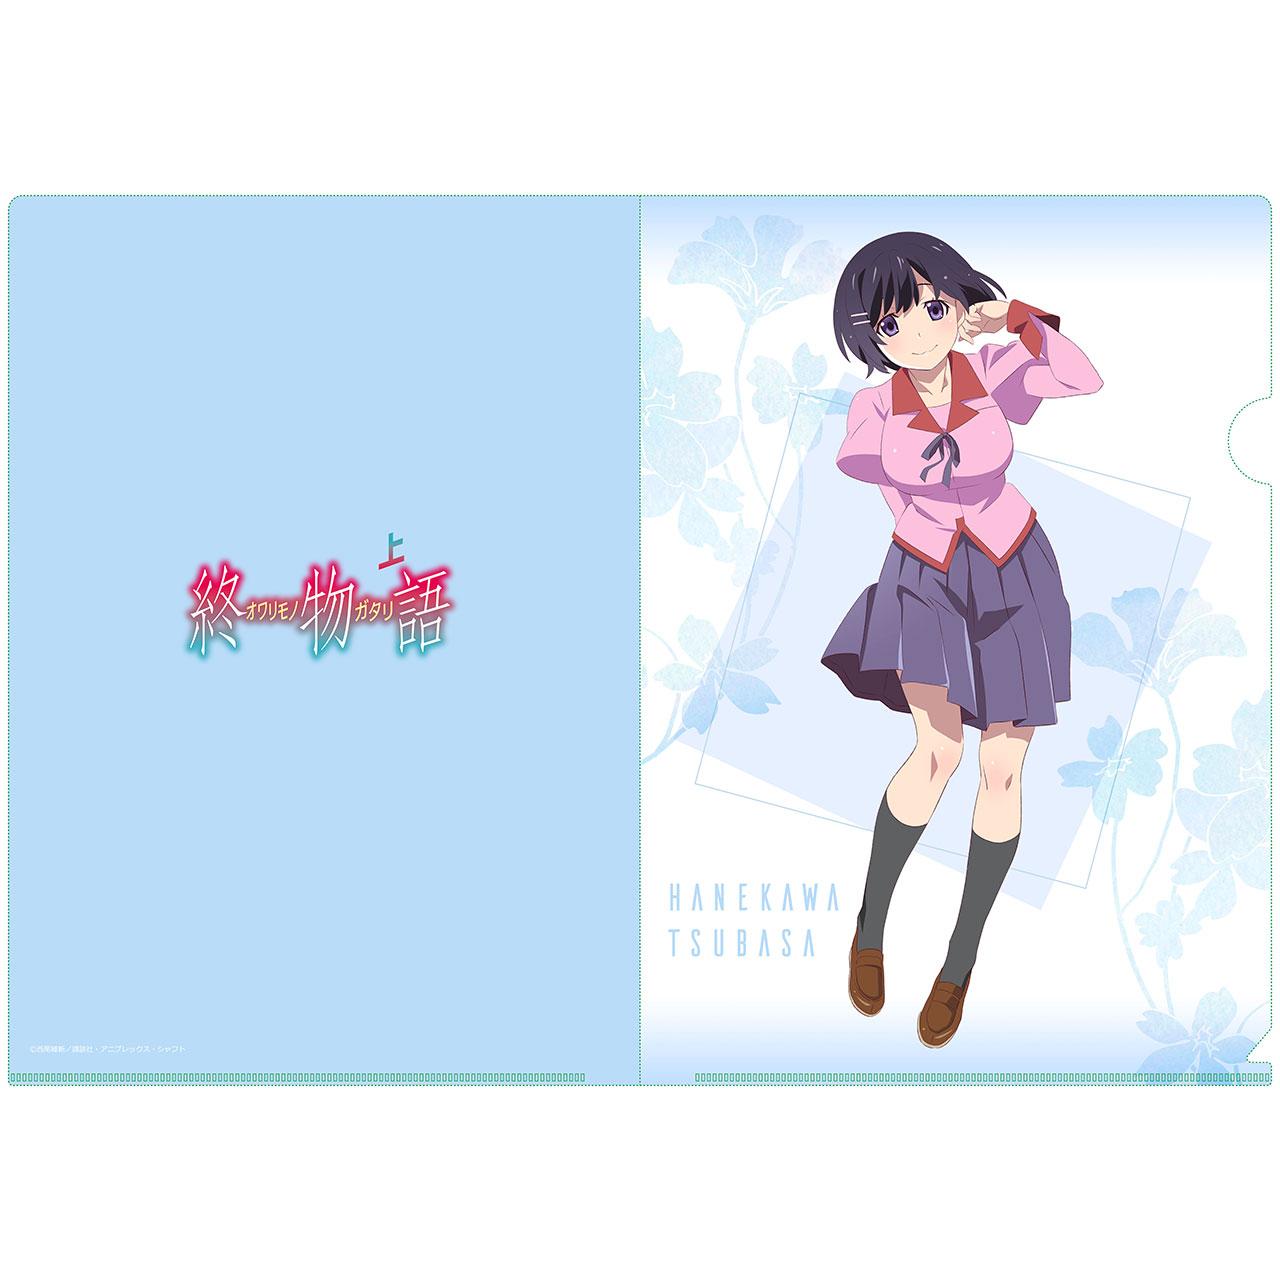 【描き下ろし】羽川翼 A4クリアファイル